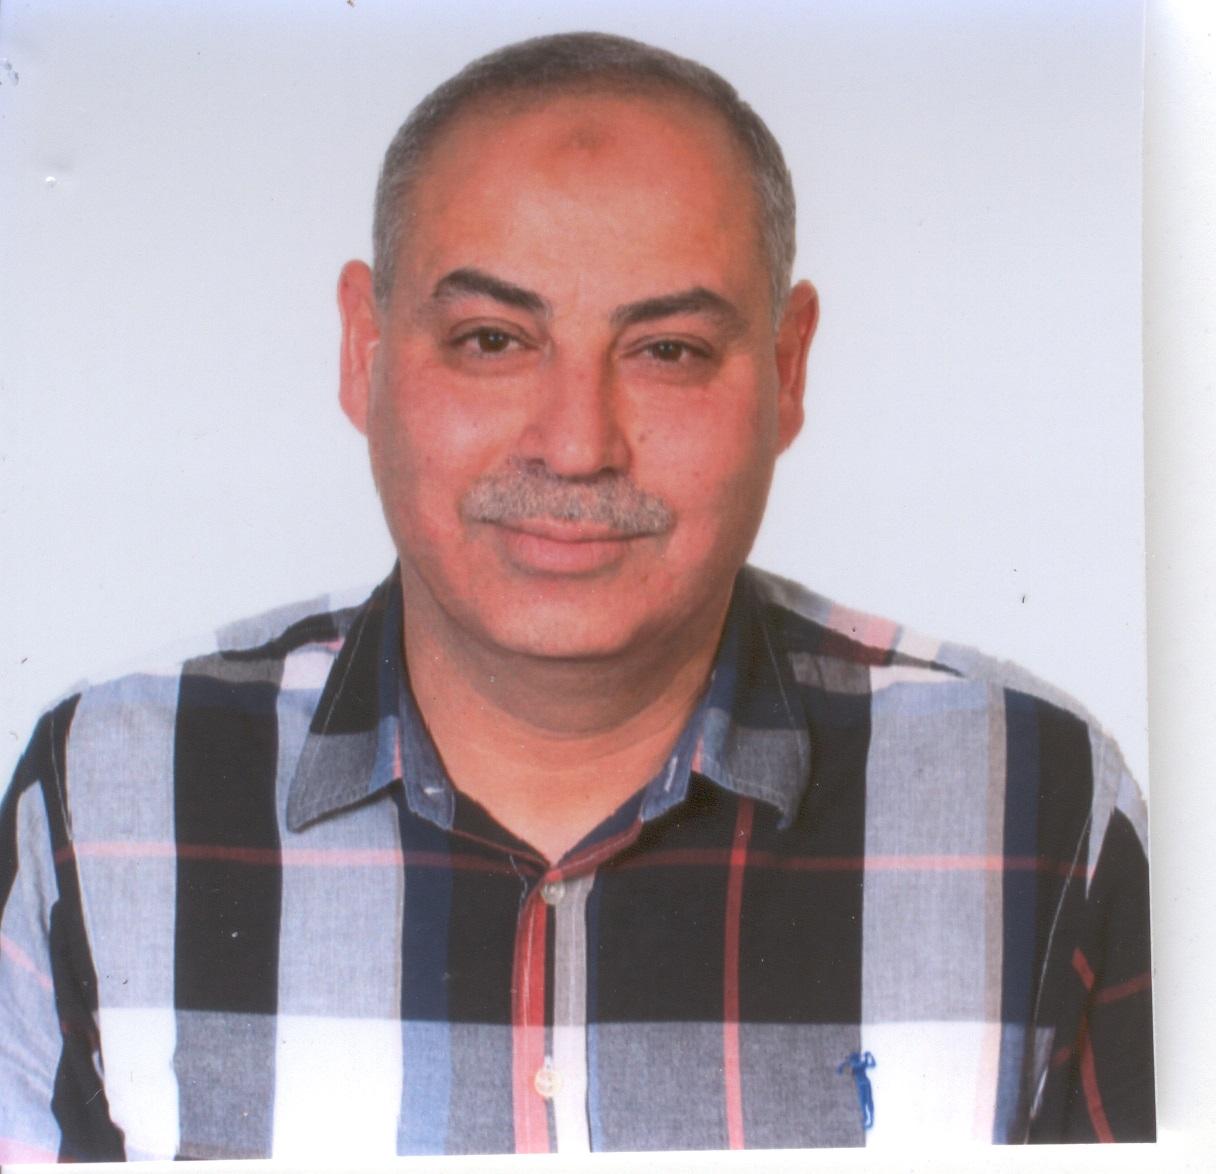 Samer Abedallah Alsaid